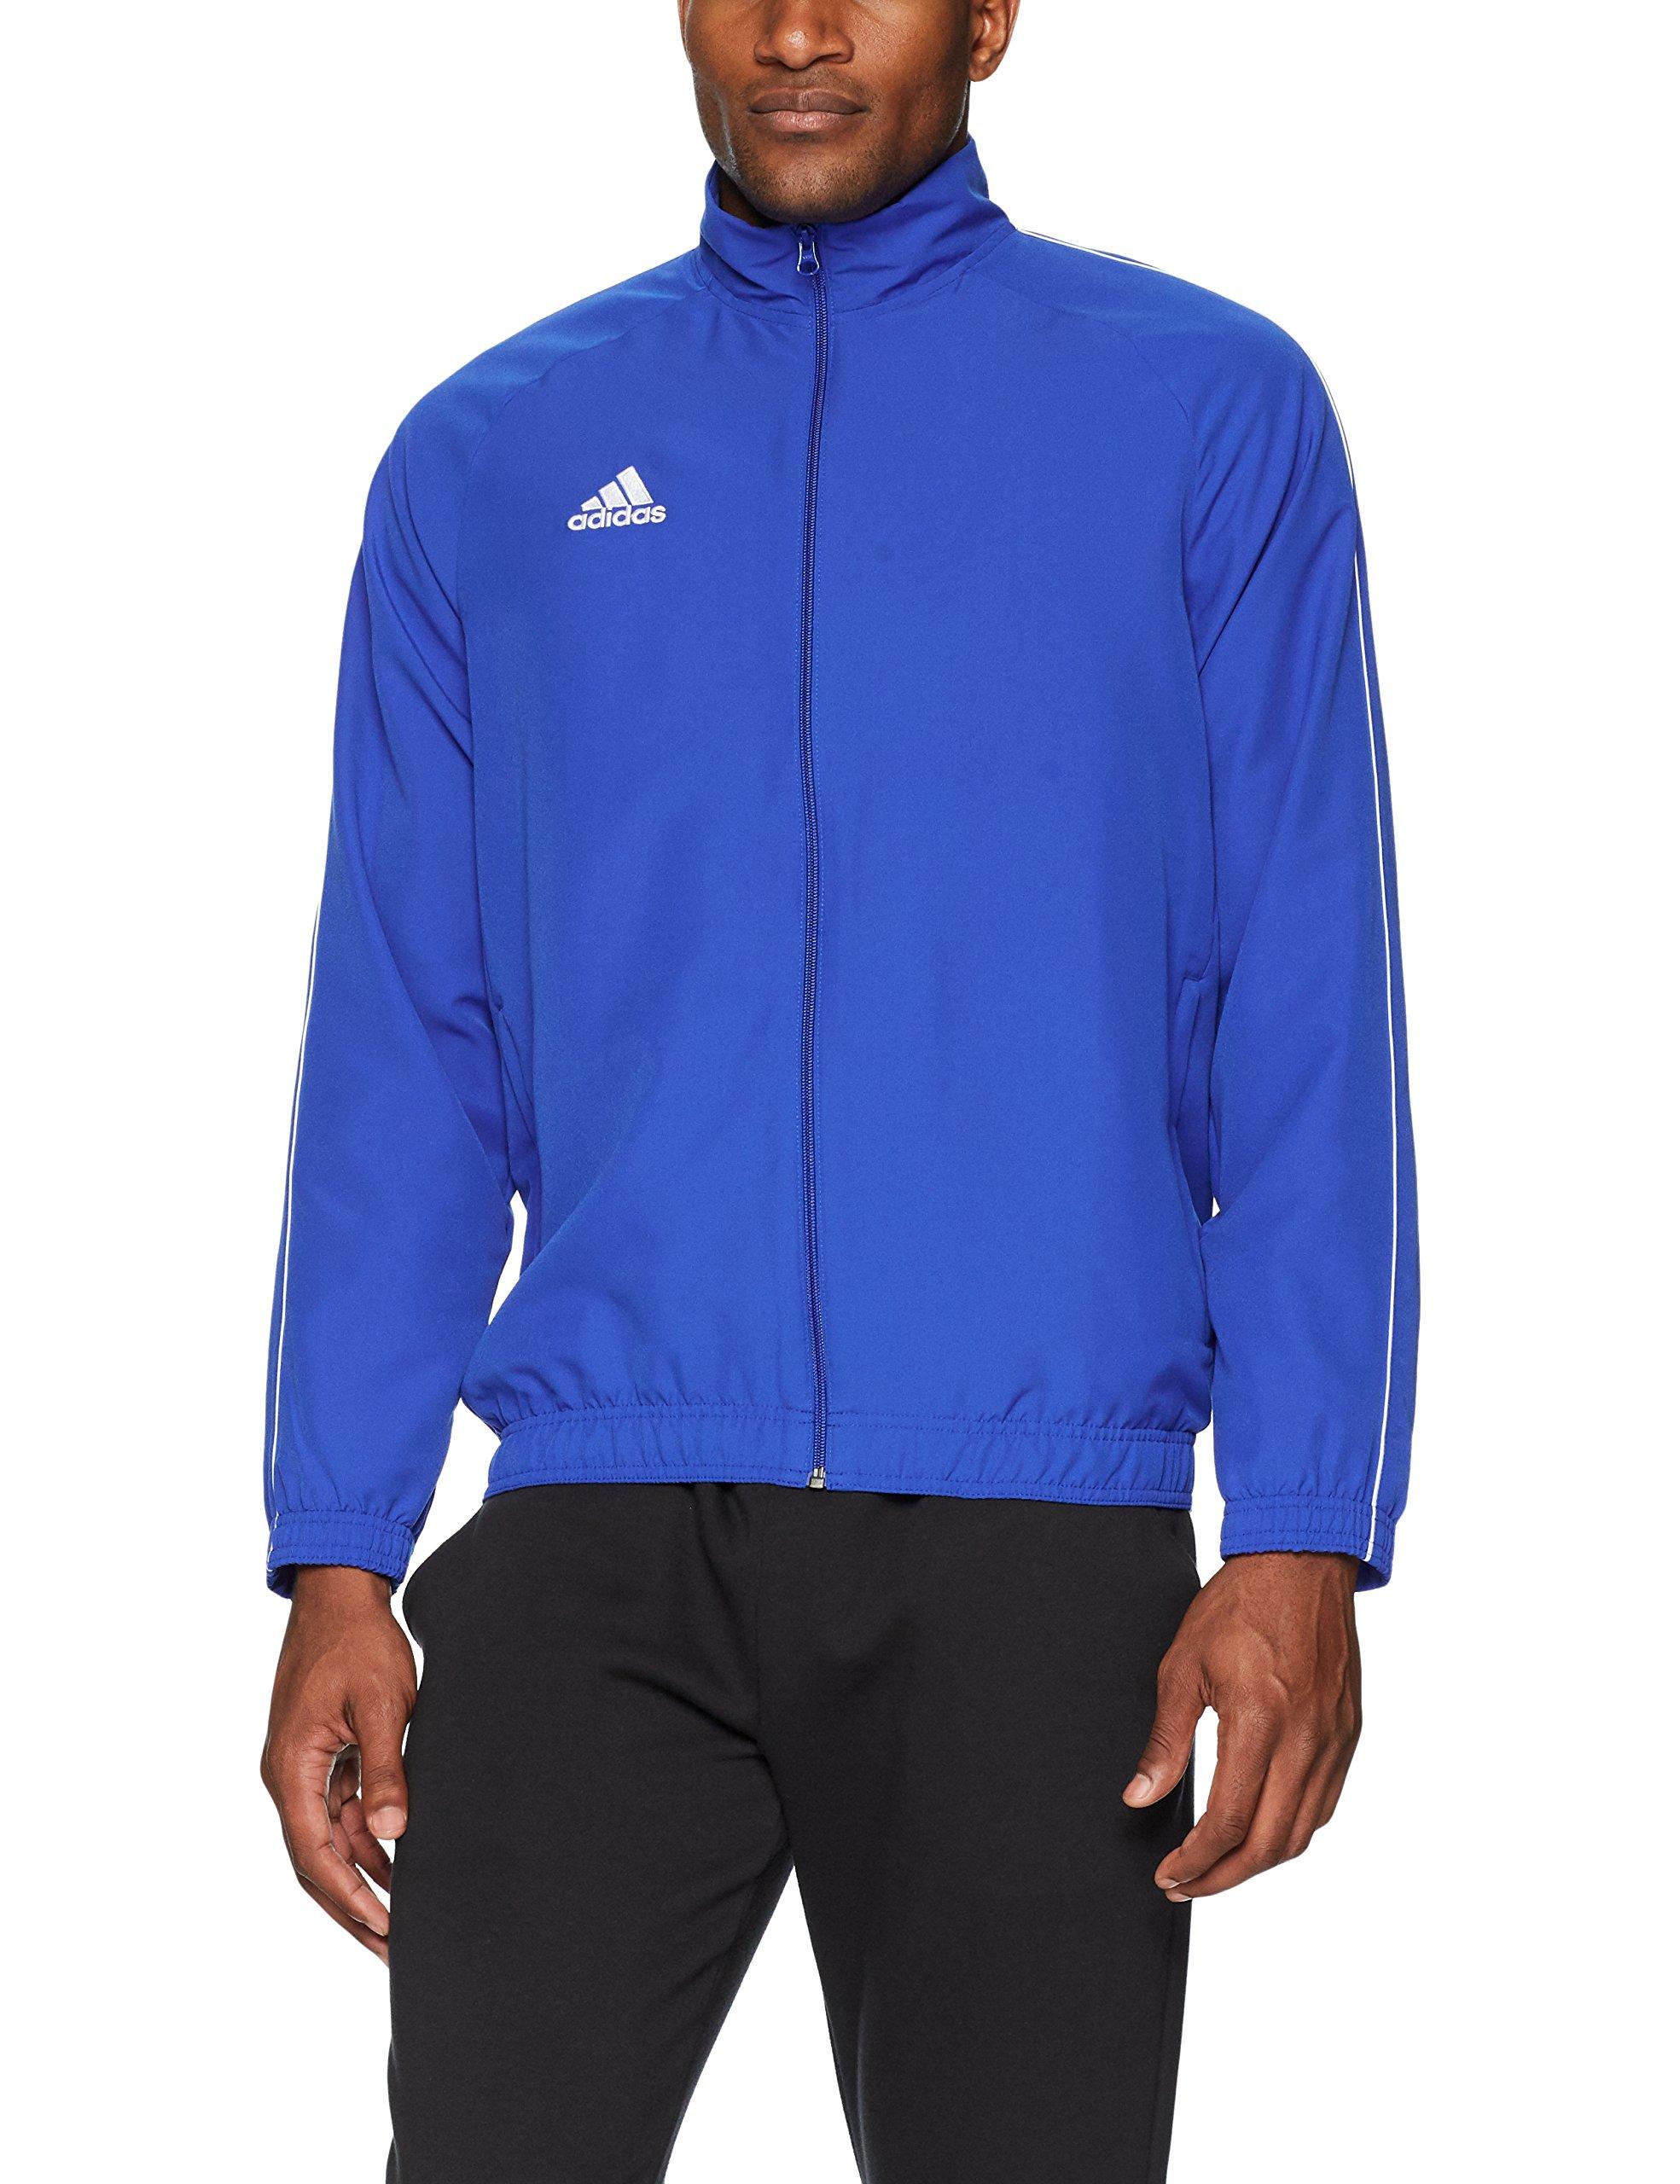 adidas Core18 Presentation Jacket, Bold Blue/White, Medium